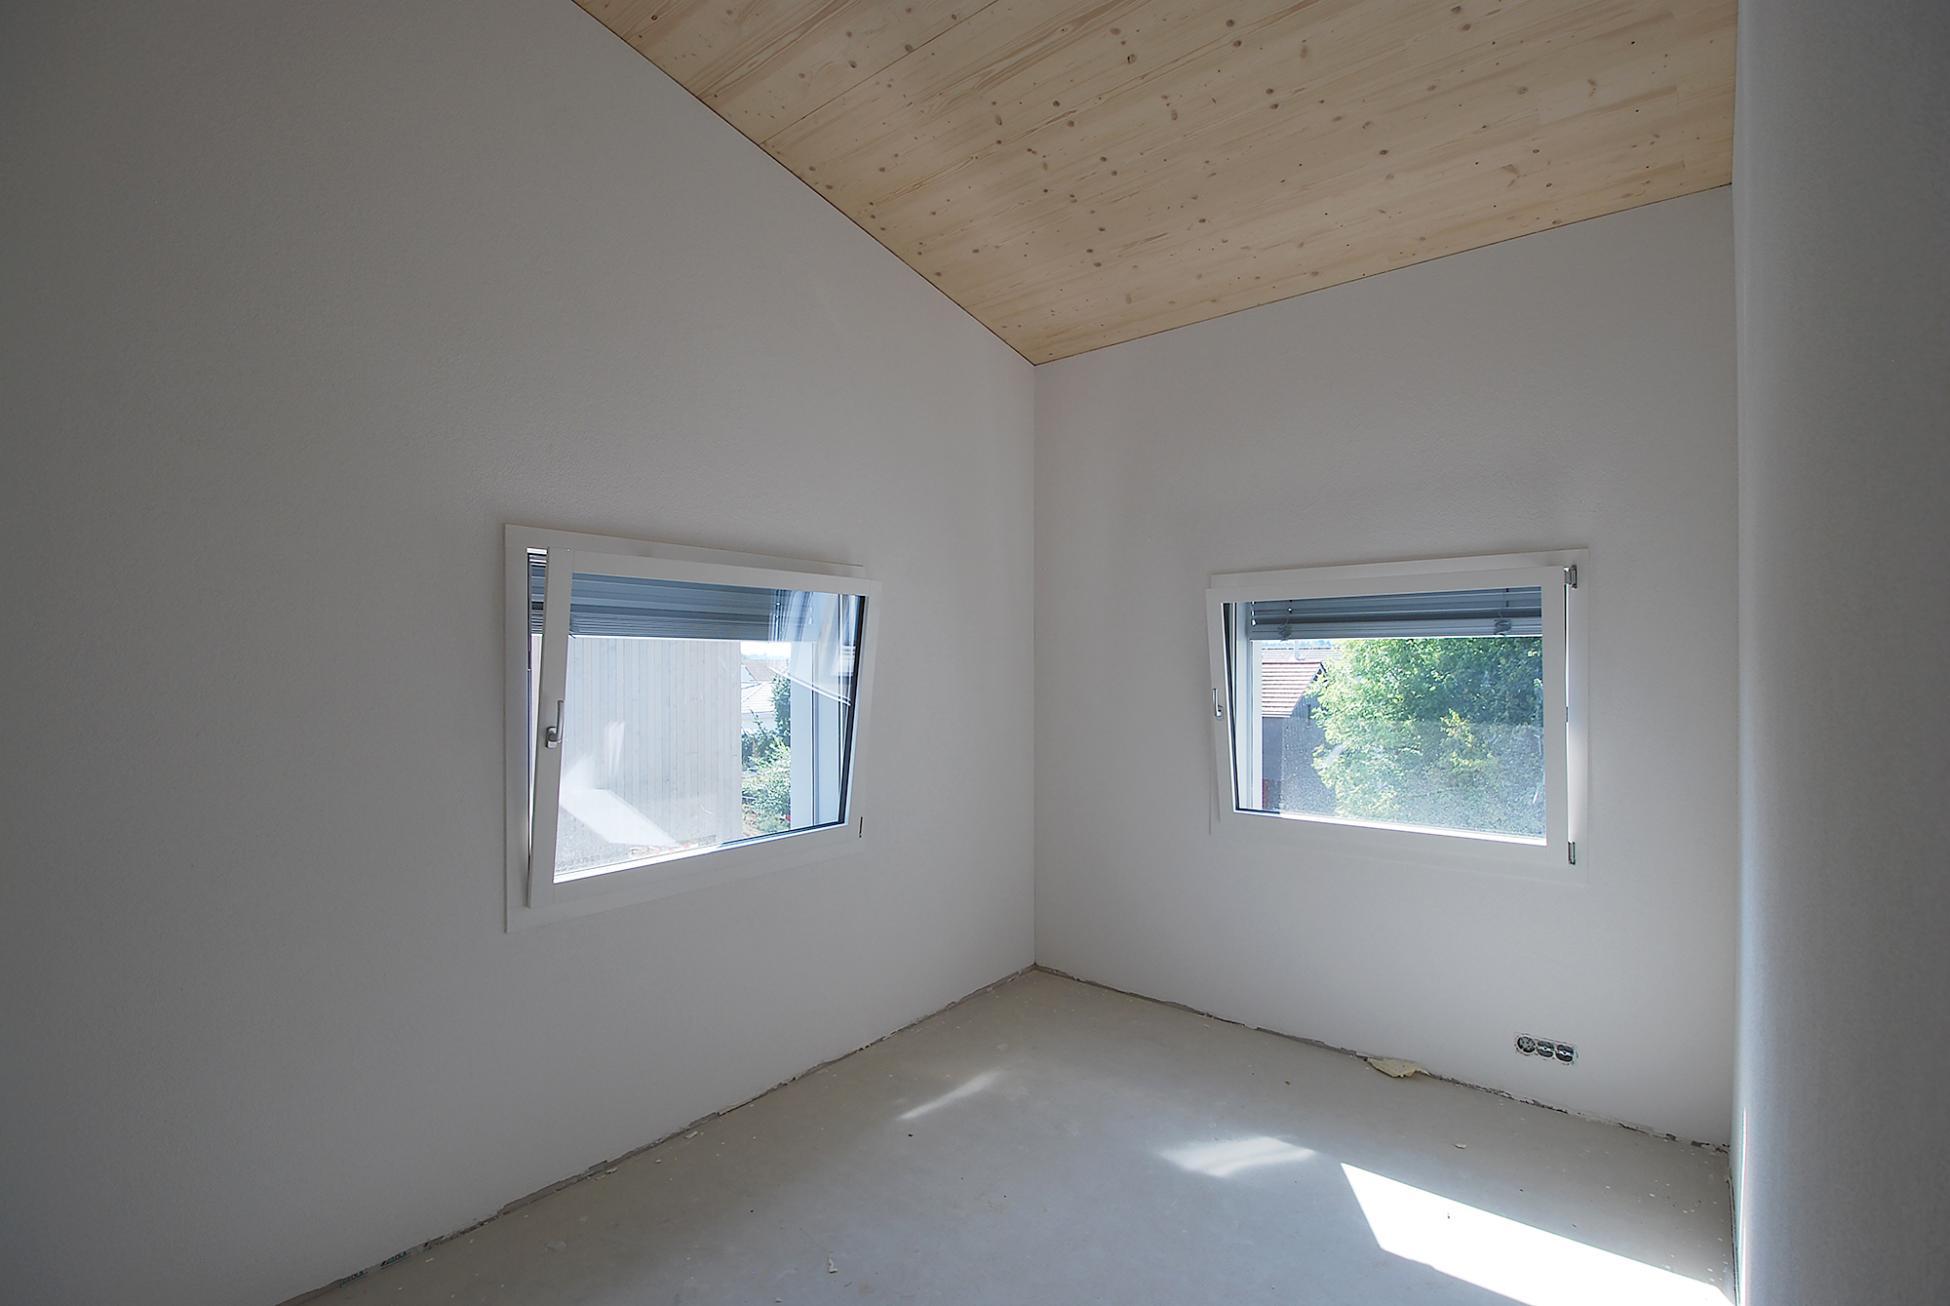 Reiheneinfamilienhäuser Visavie in Sarmenstorf mit lichtdurchfluteten Zimmern